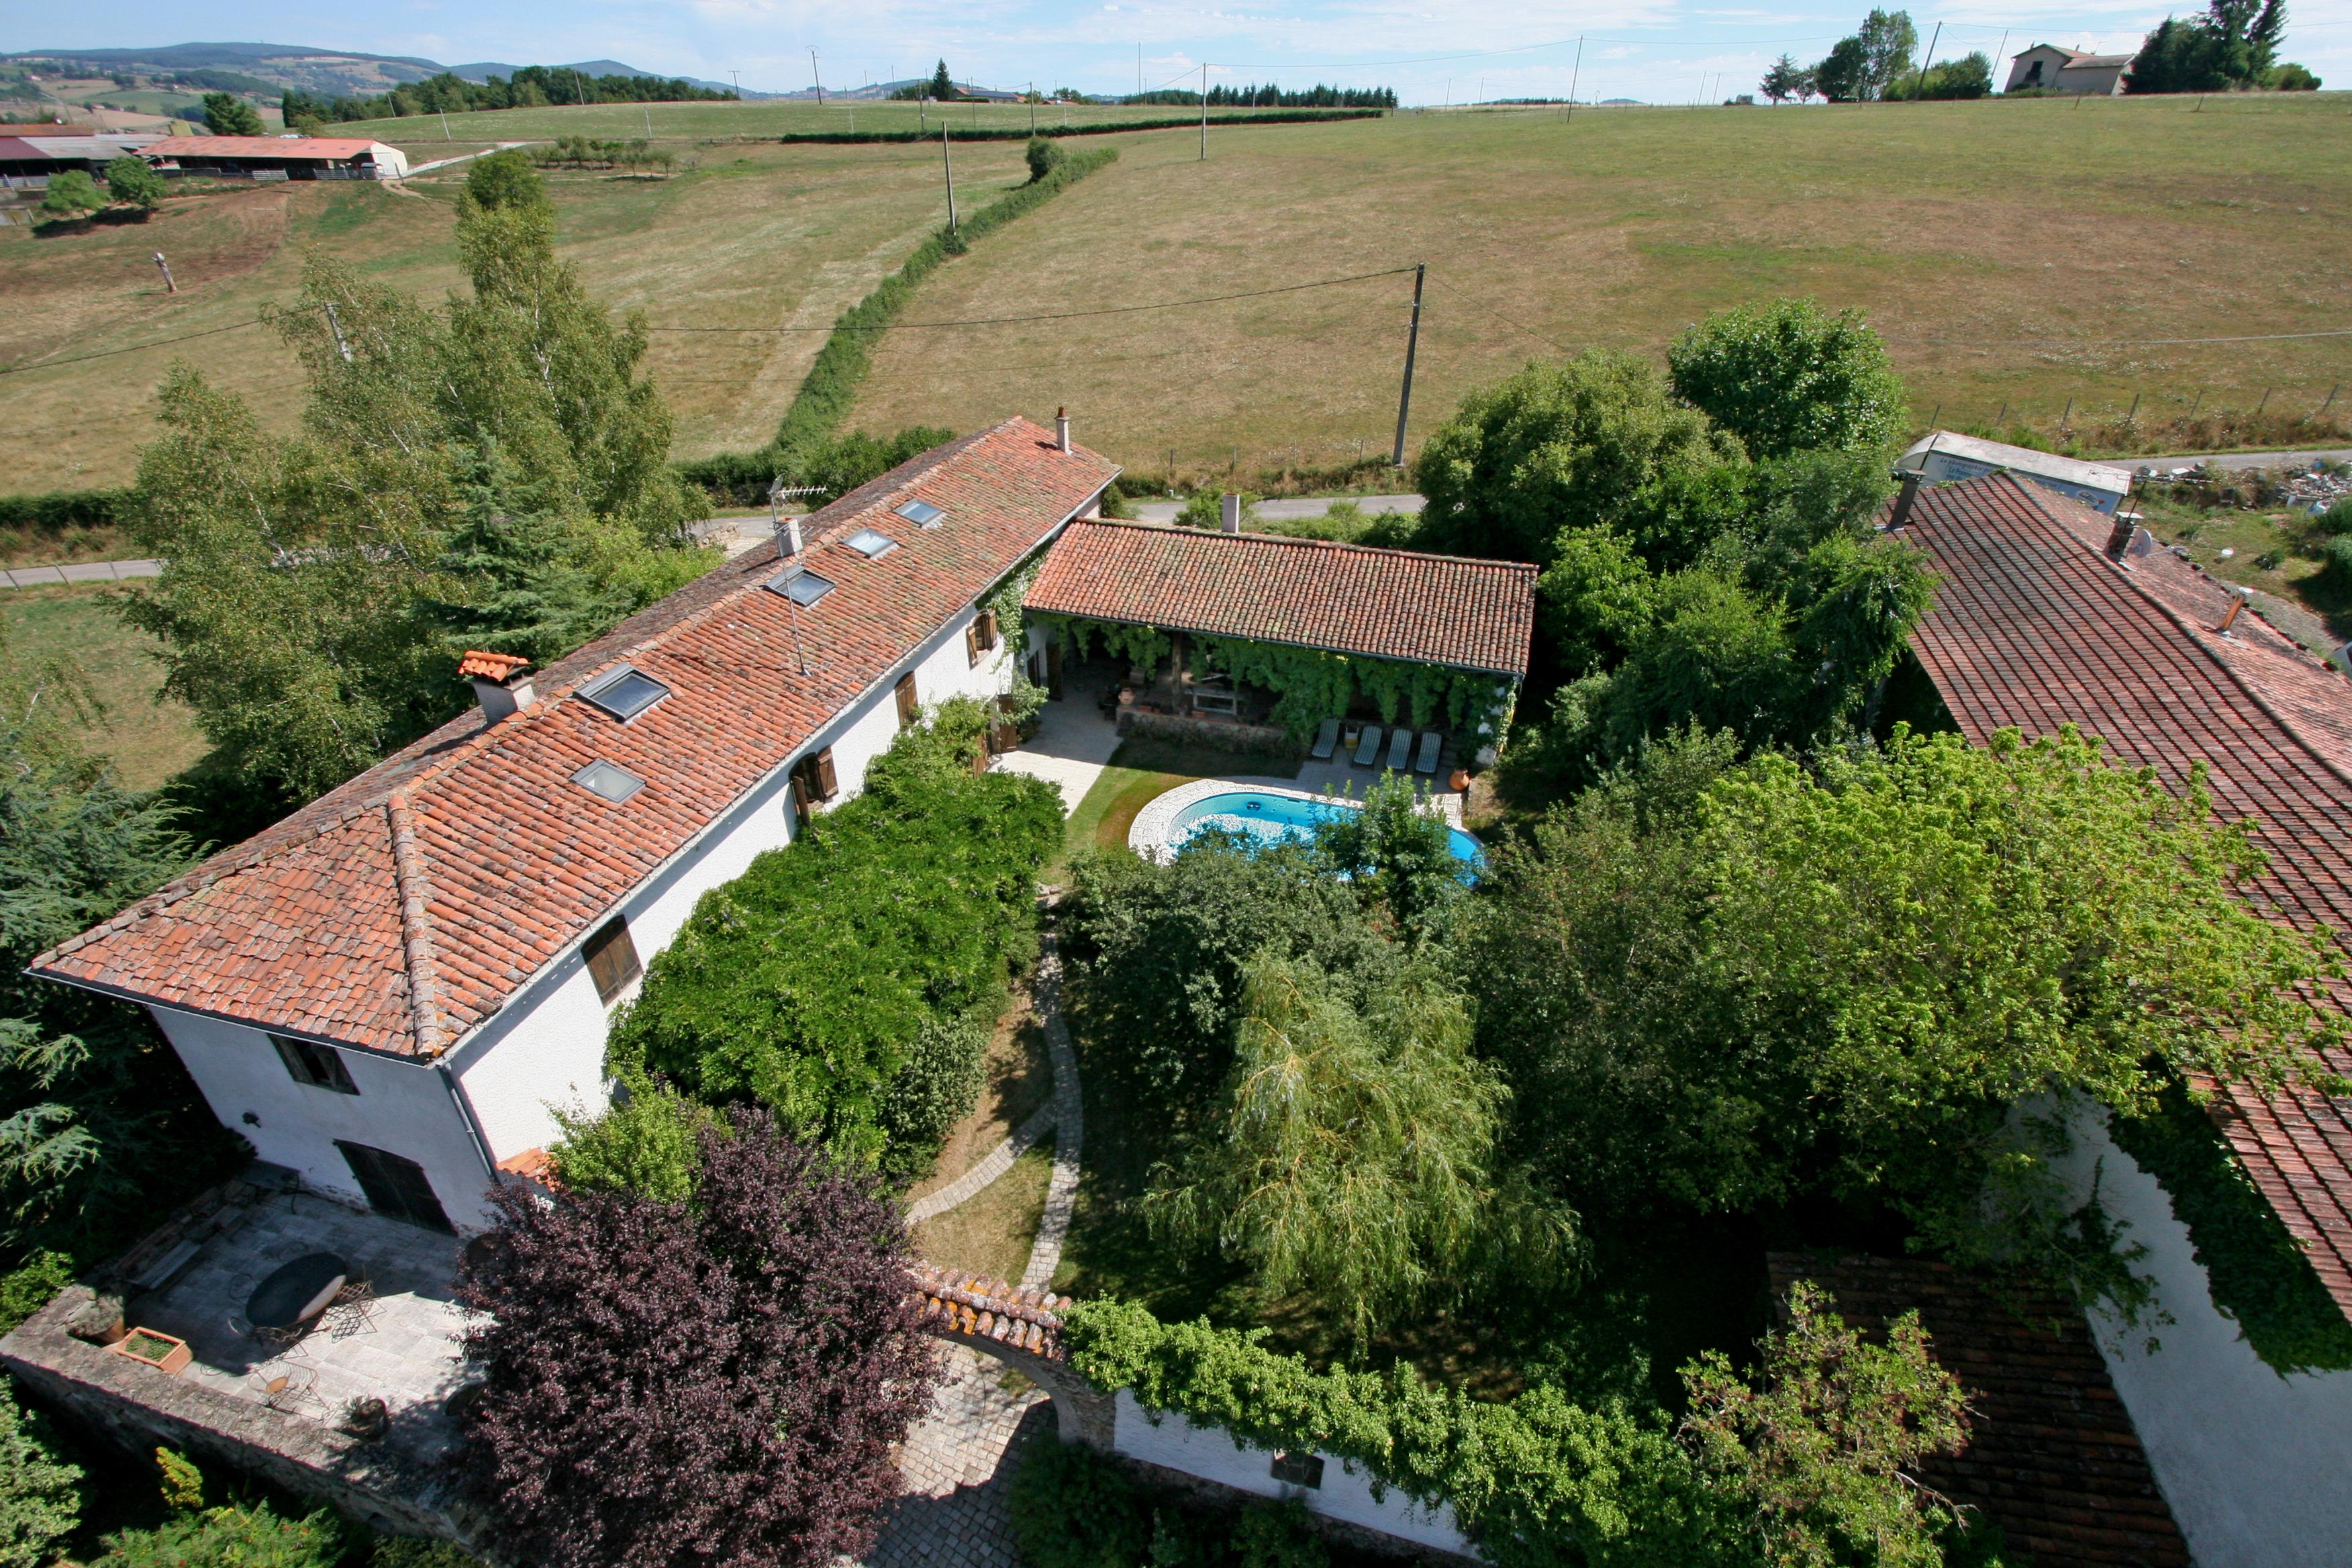 maison vue du ciel 28 images drone master sims 3 t